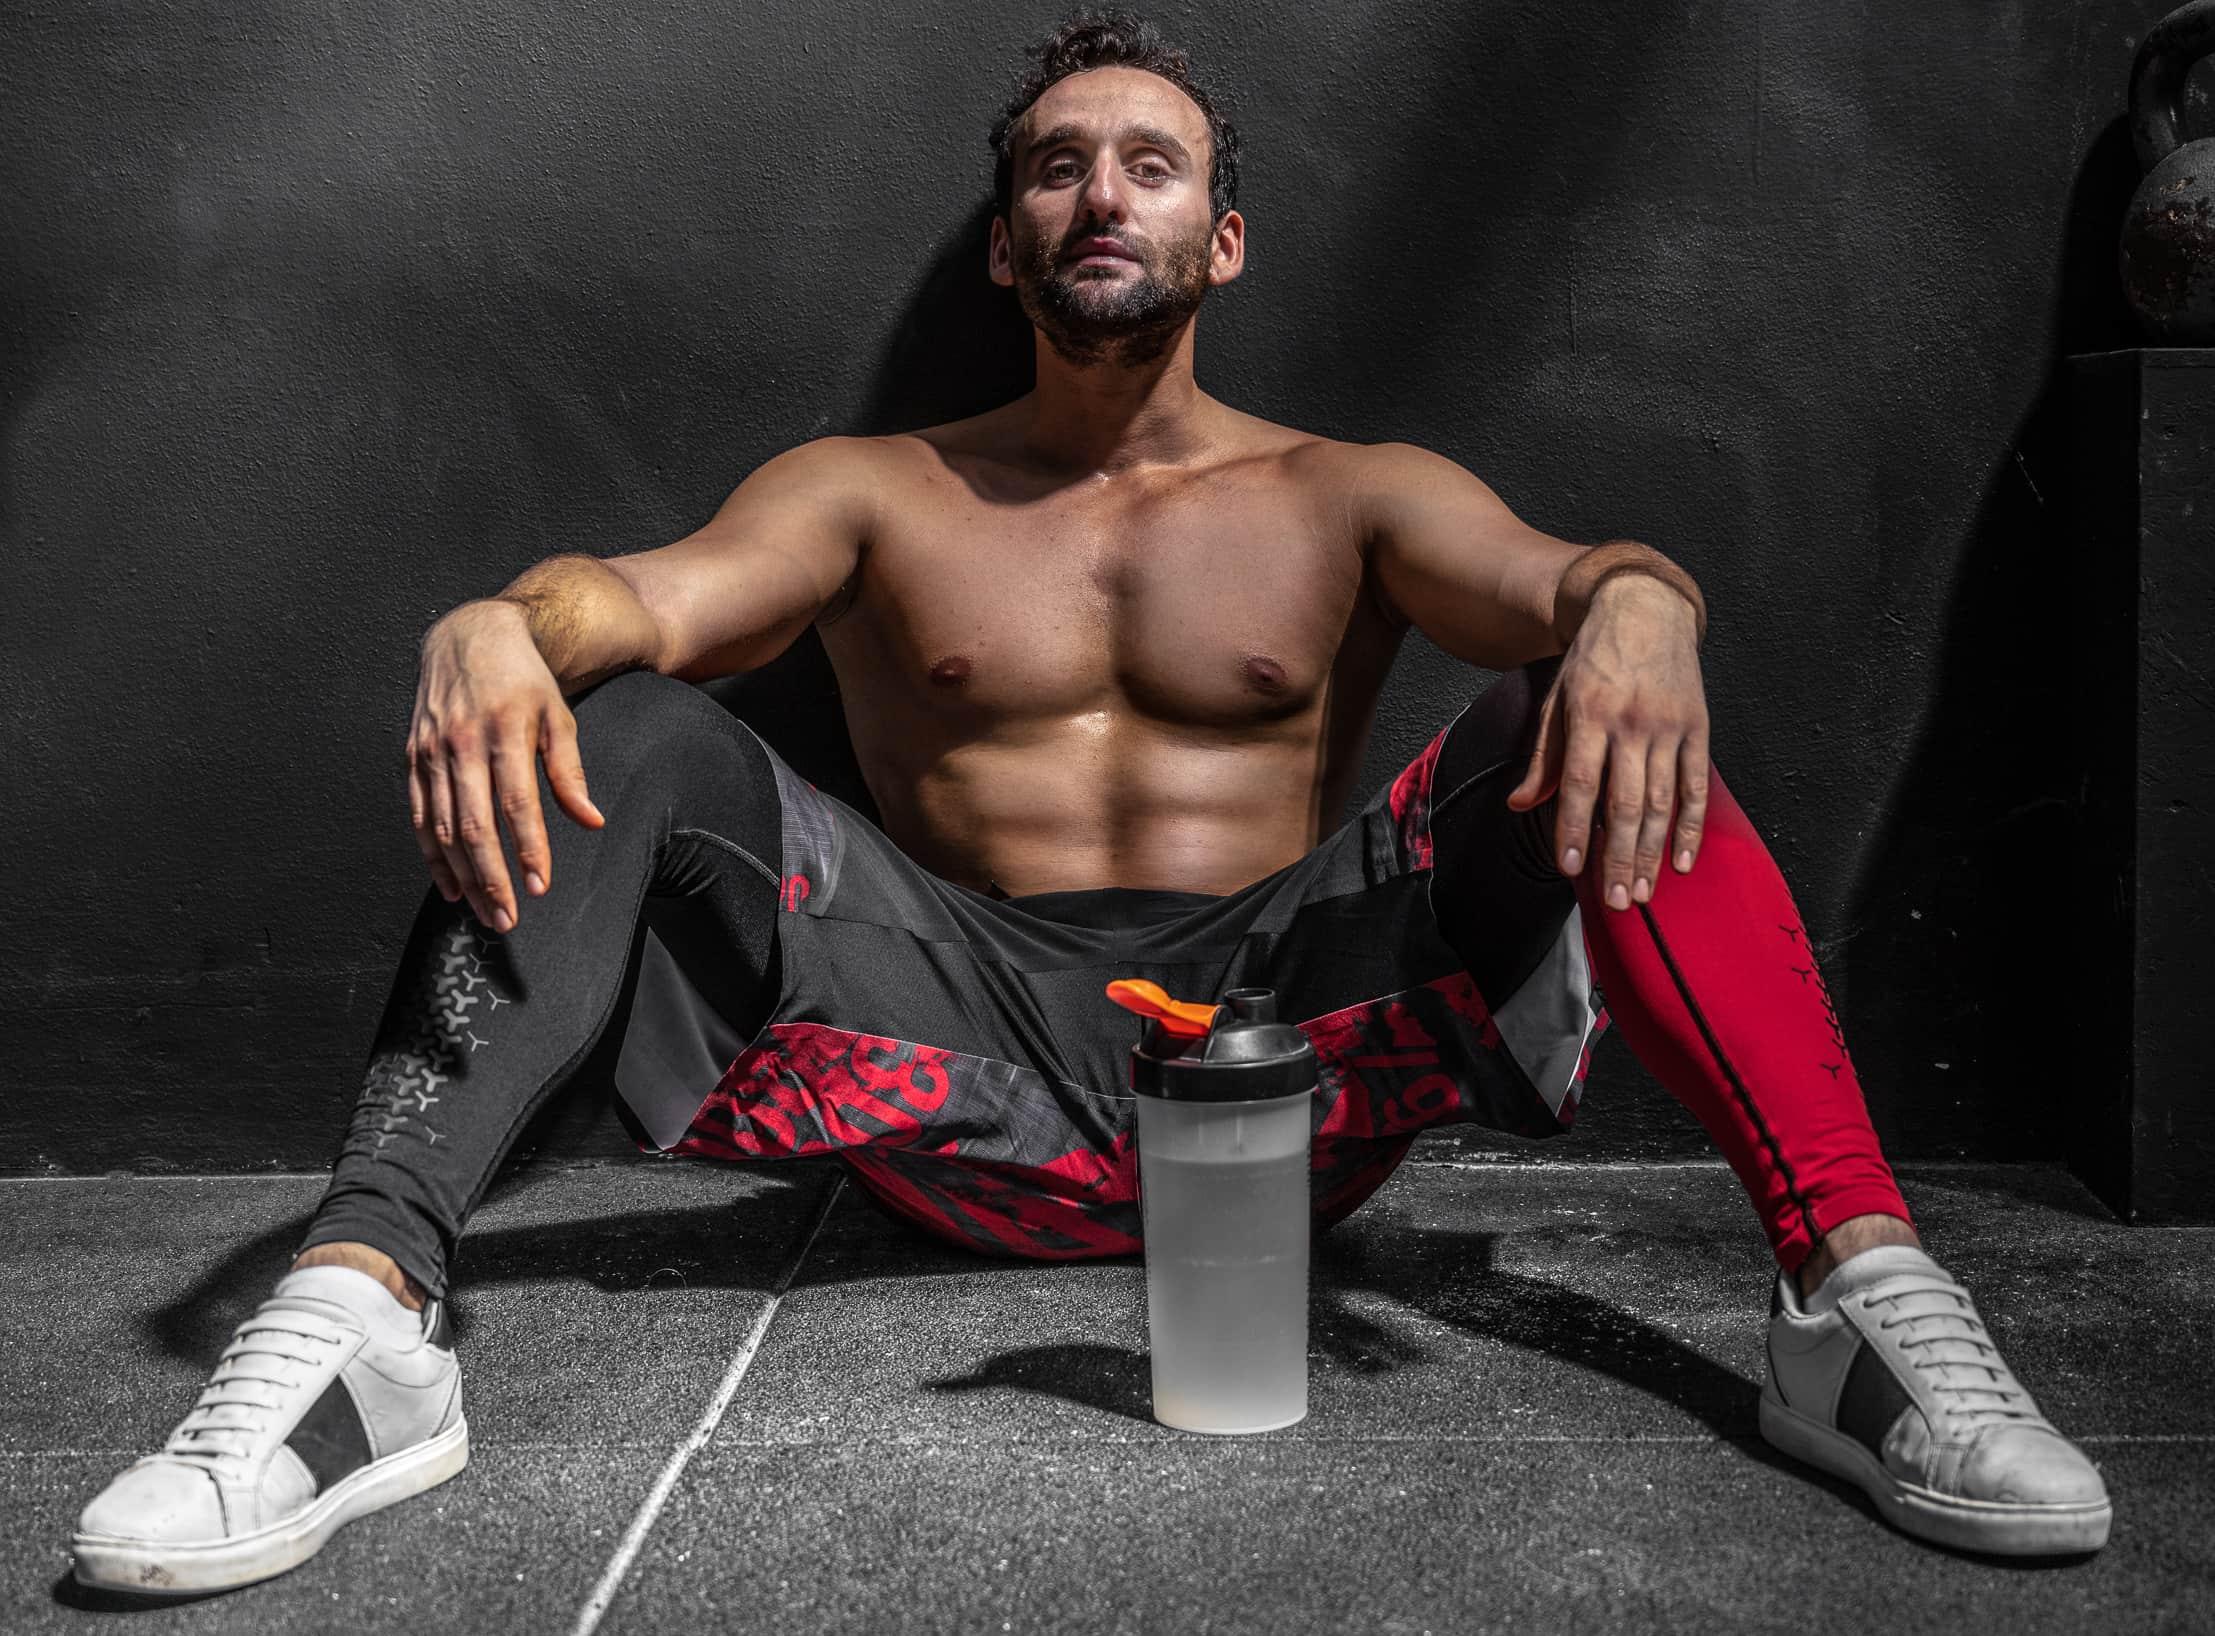 fotografofitness servizio fitness in palestra ragazzo a torso nudo seduto per terra in palestra